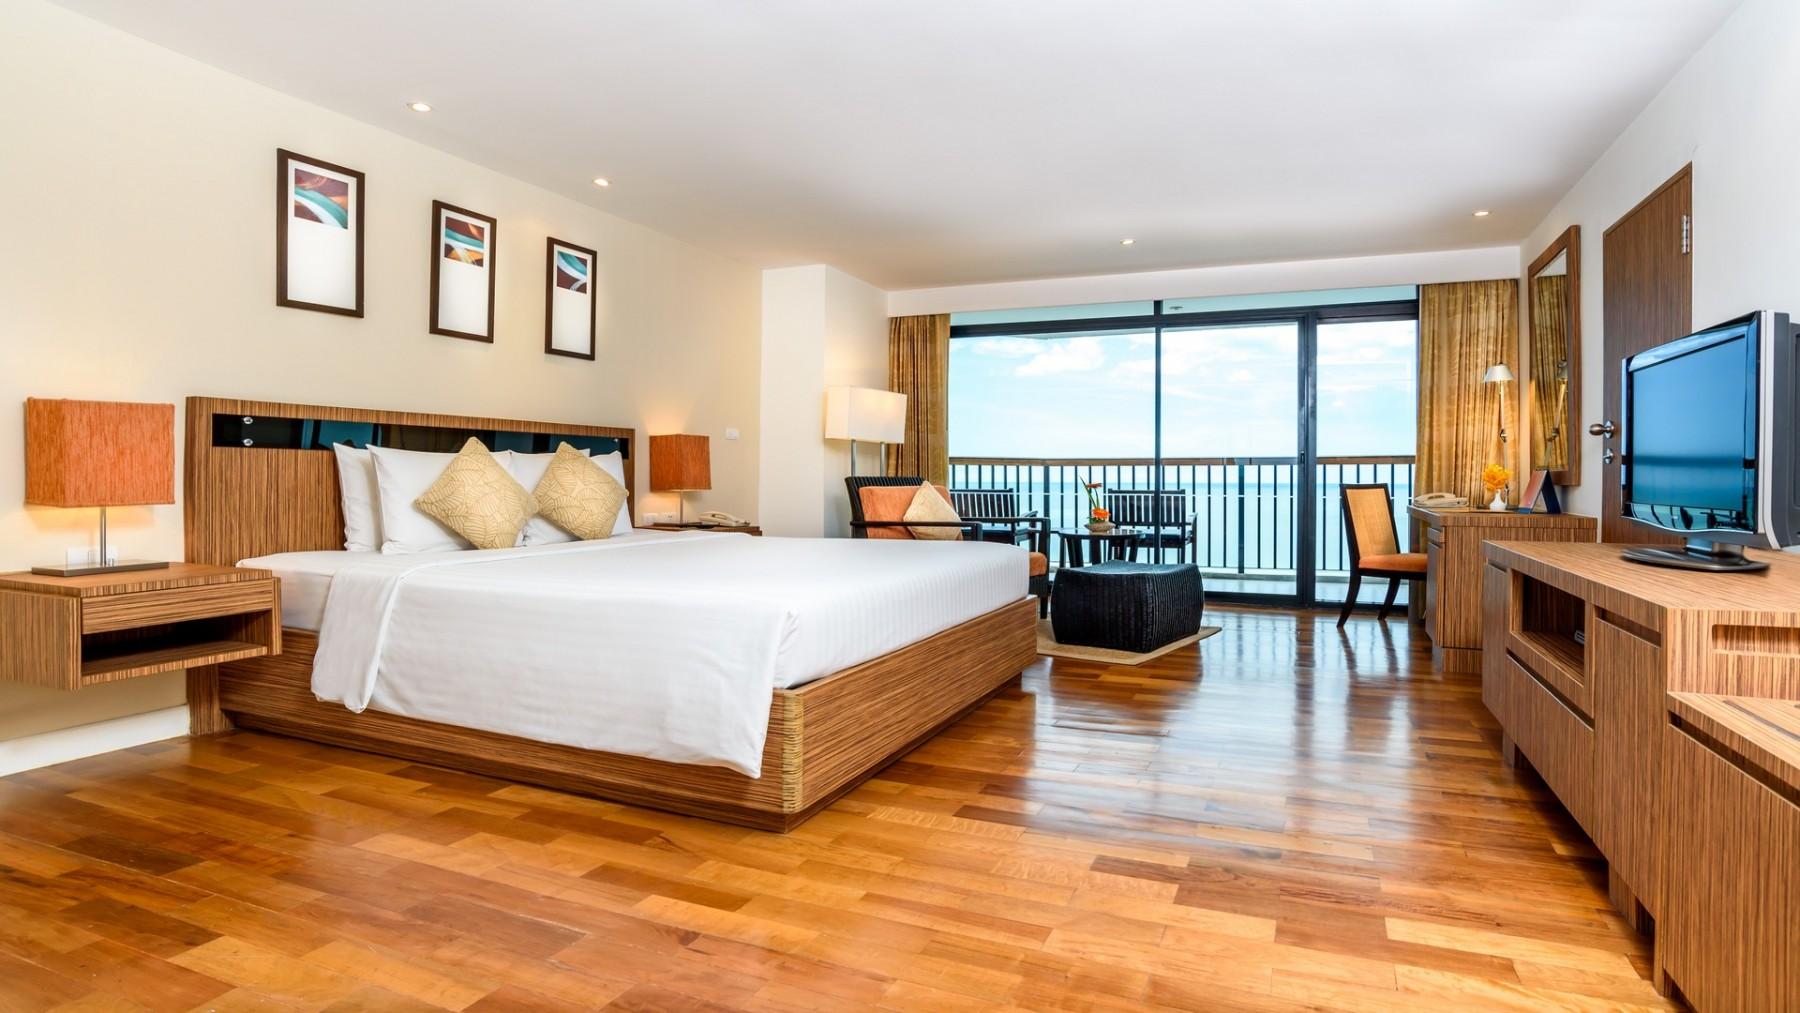 4 Star Hotel in Hua Hin